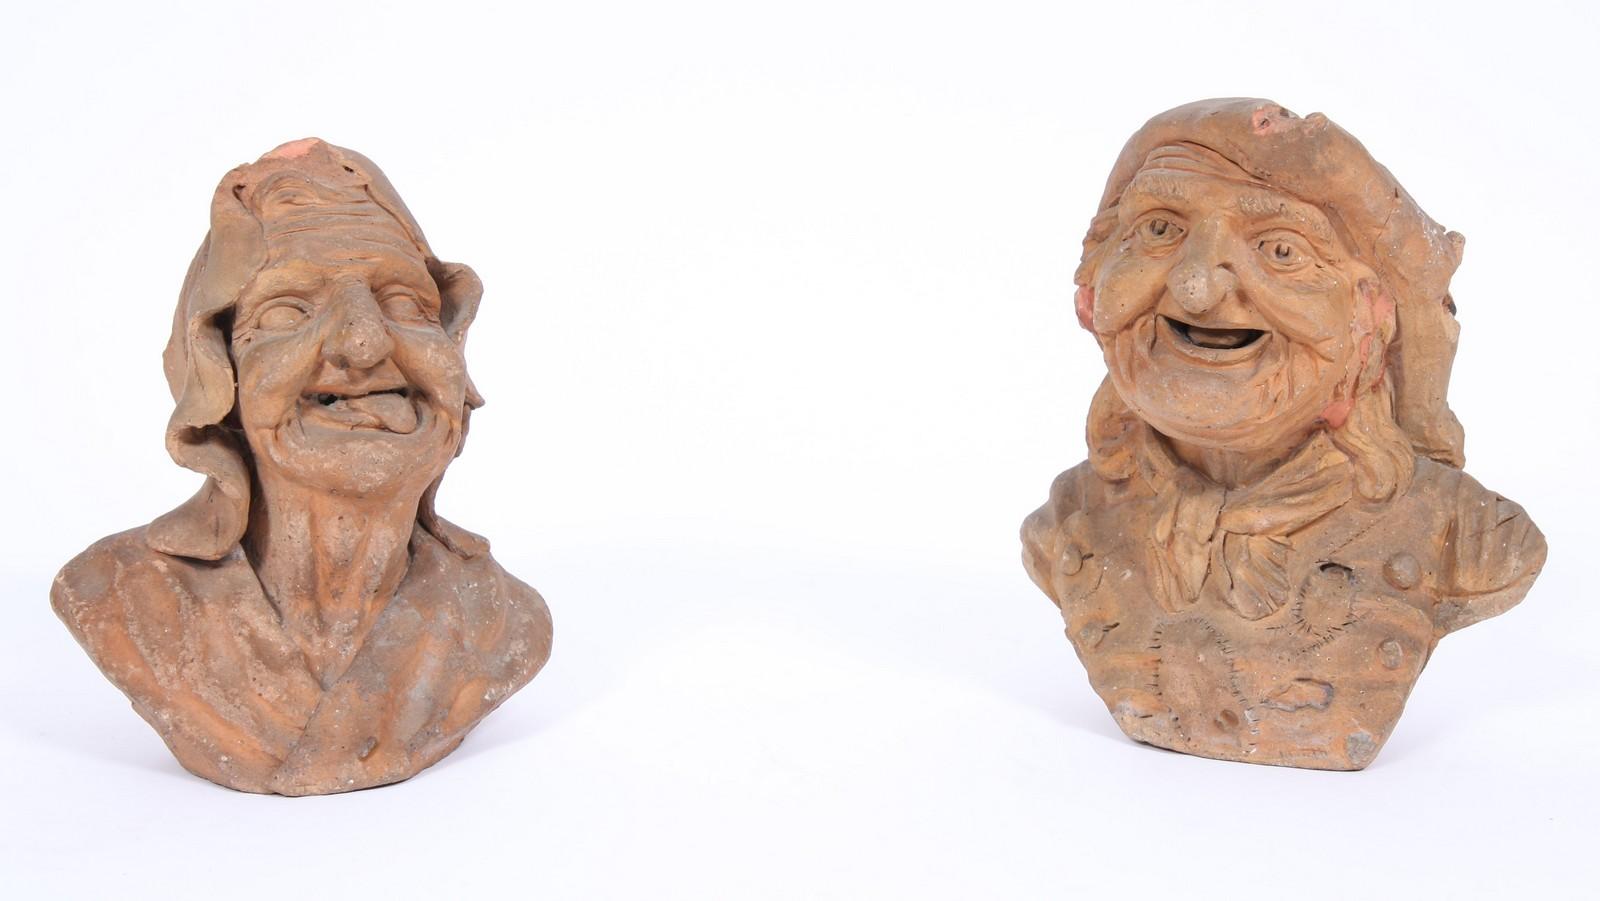 DEUX TETES EN TERRE CUITE Représentant deux têtes de vieillards grimaçants. ( état d'usage ). Epoque